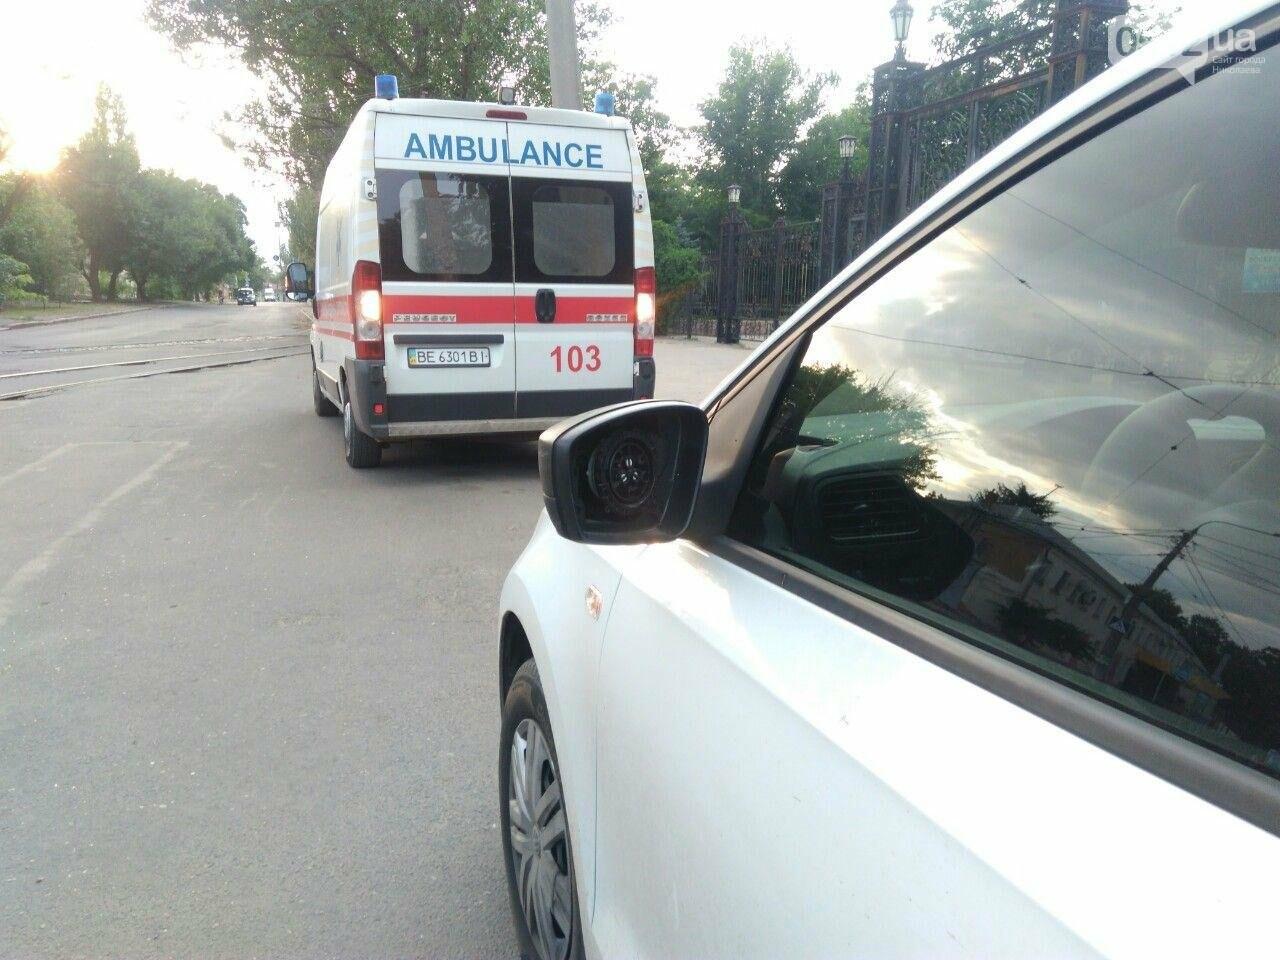 В Николаеве мотоциклист разбил зеркало на автомобиле и скрылся с места ДТП, - ФОТО, фото-3